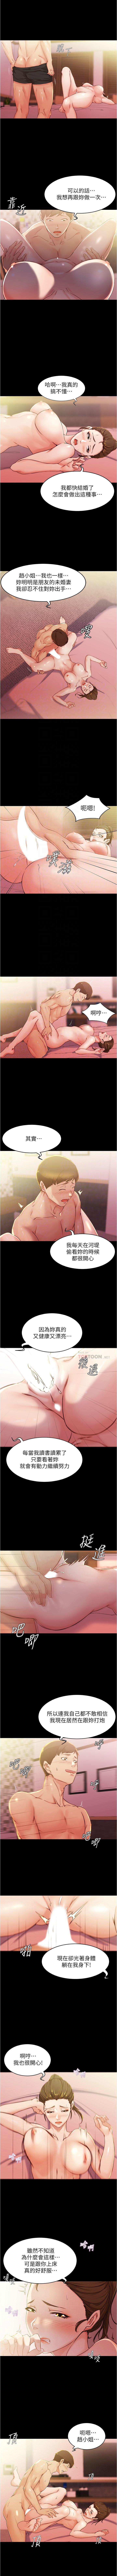 panty note 小褲褲筆記 小裤裤笔记 01-35 连载中 中文 重新排序 Reorder 192